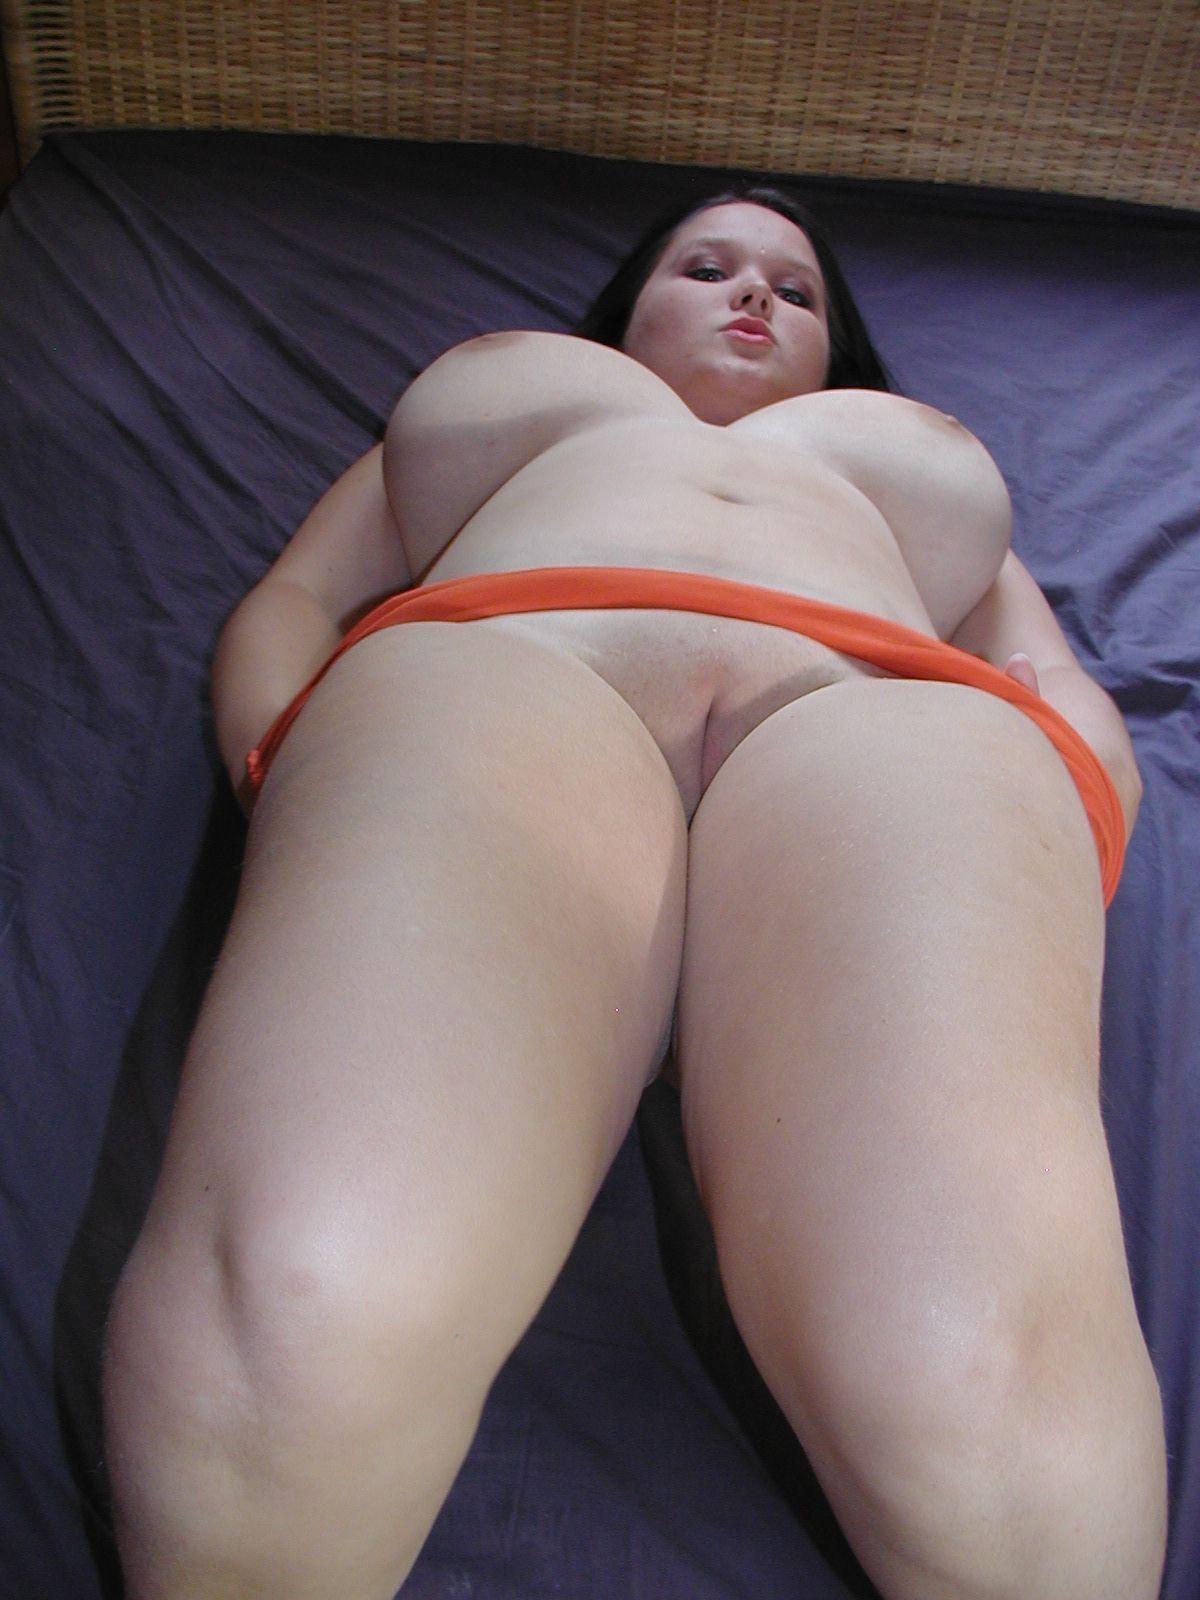 С большими сиськами и толстыми ляжками порно 18 фотография